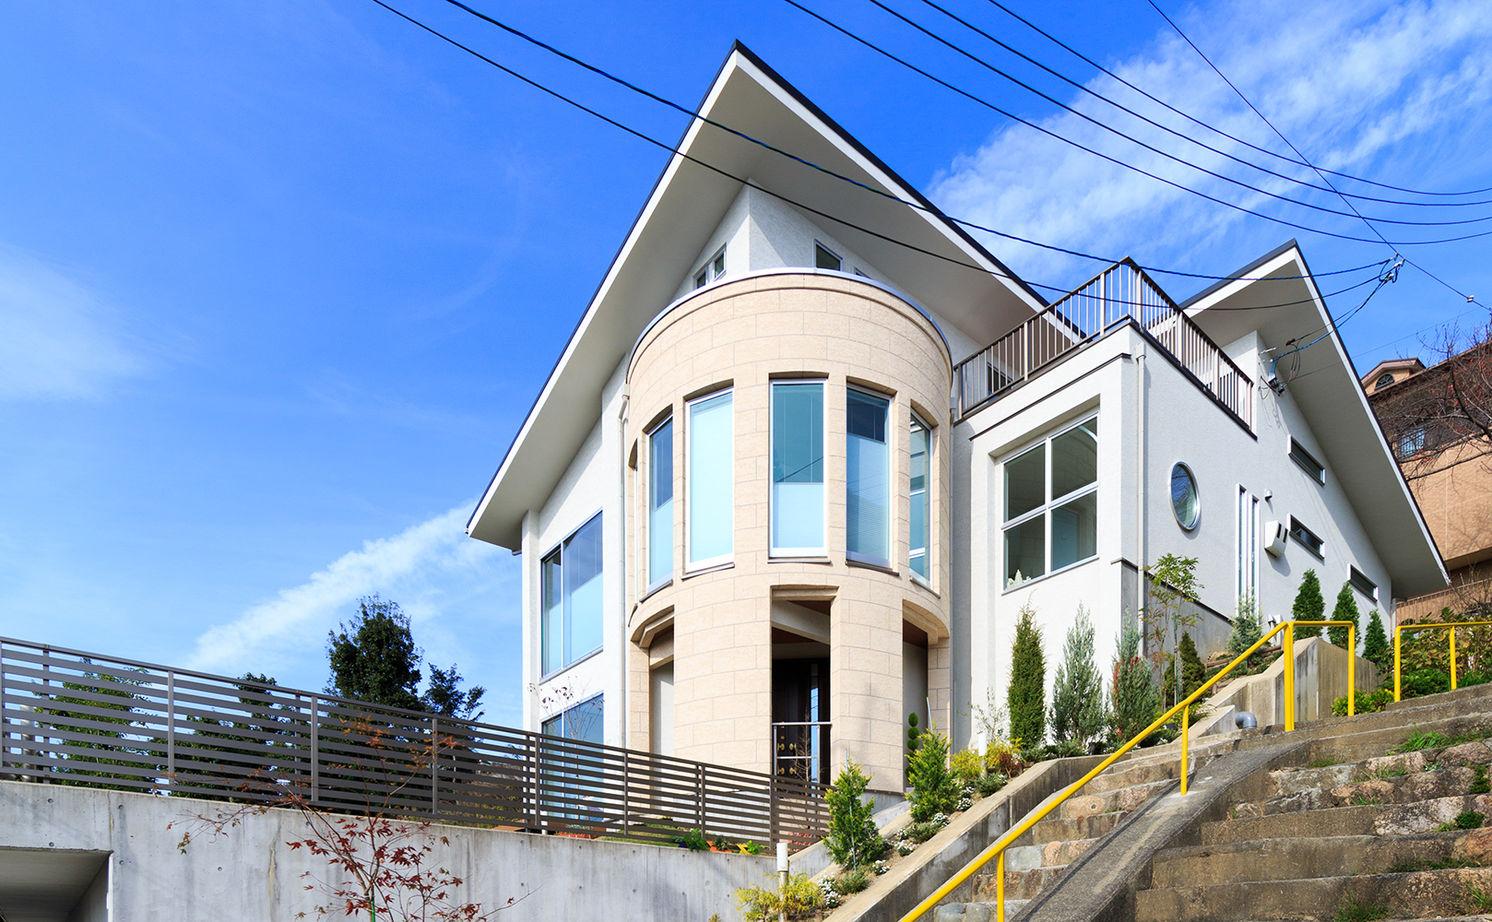 【4000万円~】高台を愉しむ家。アール設計の眺望リビング、上品なインテリア…繊細に想いを形に画像1